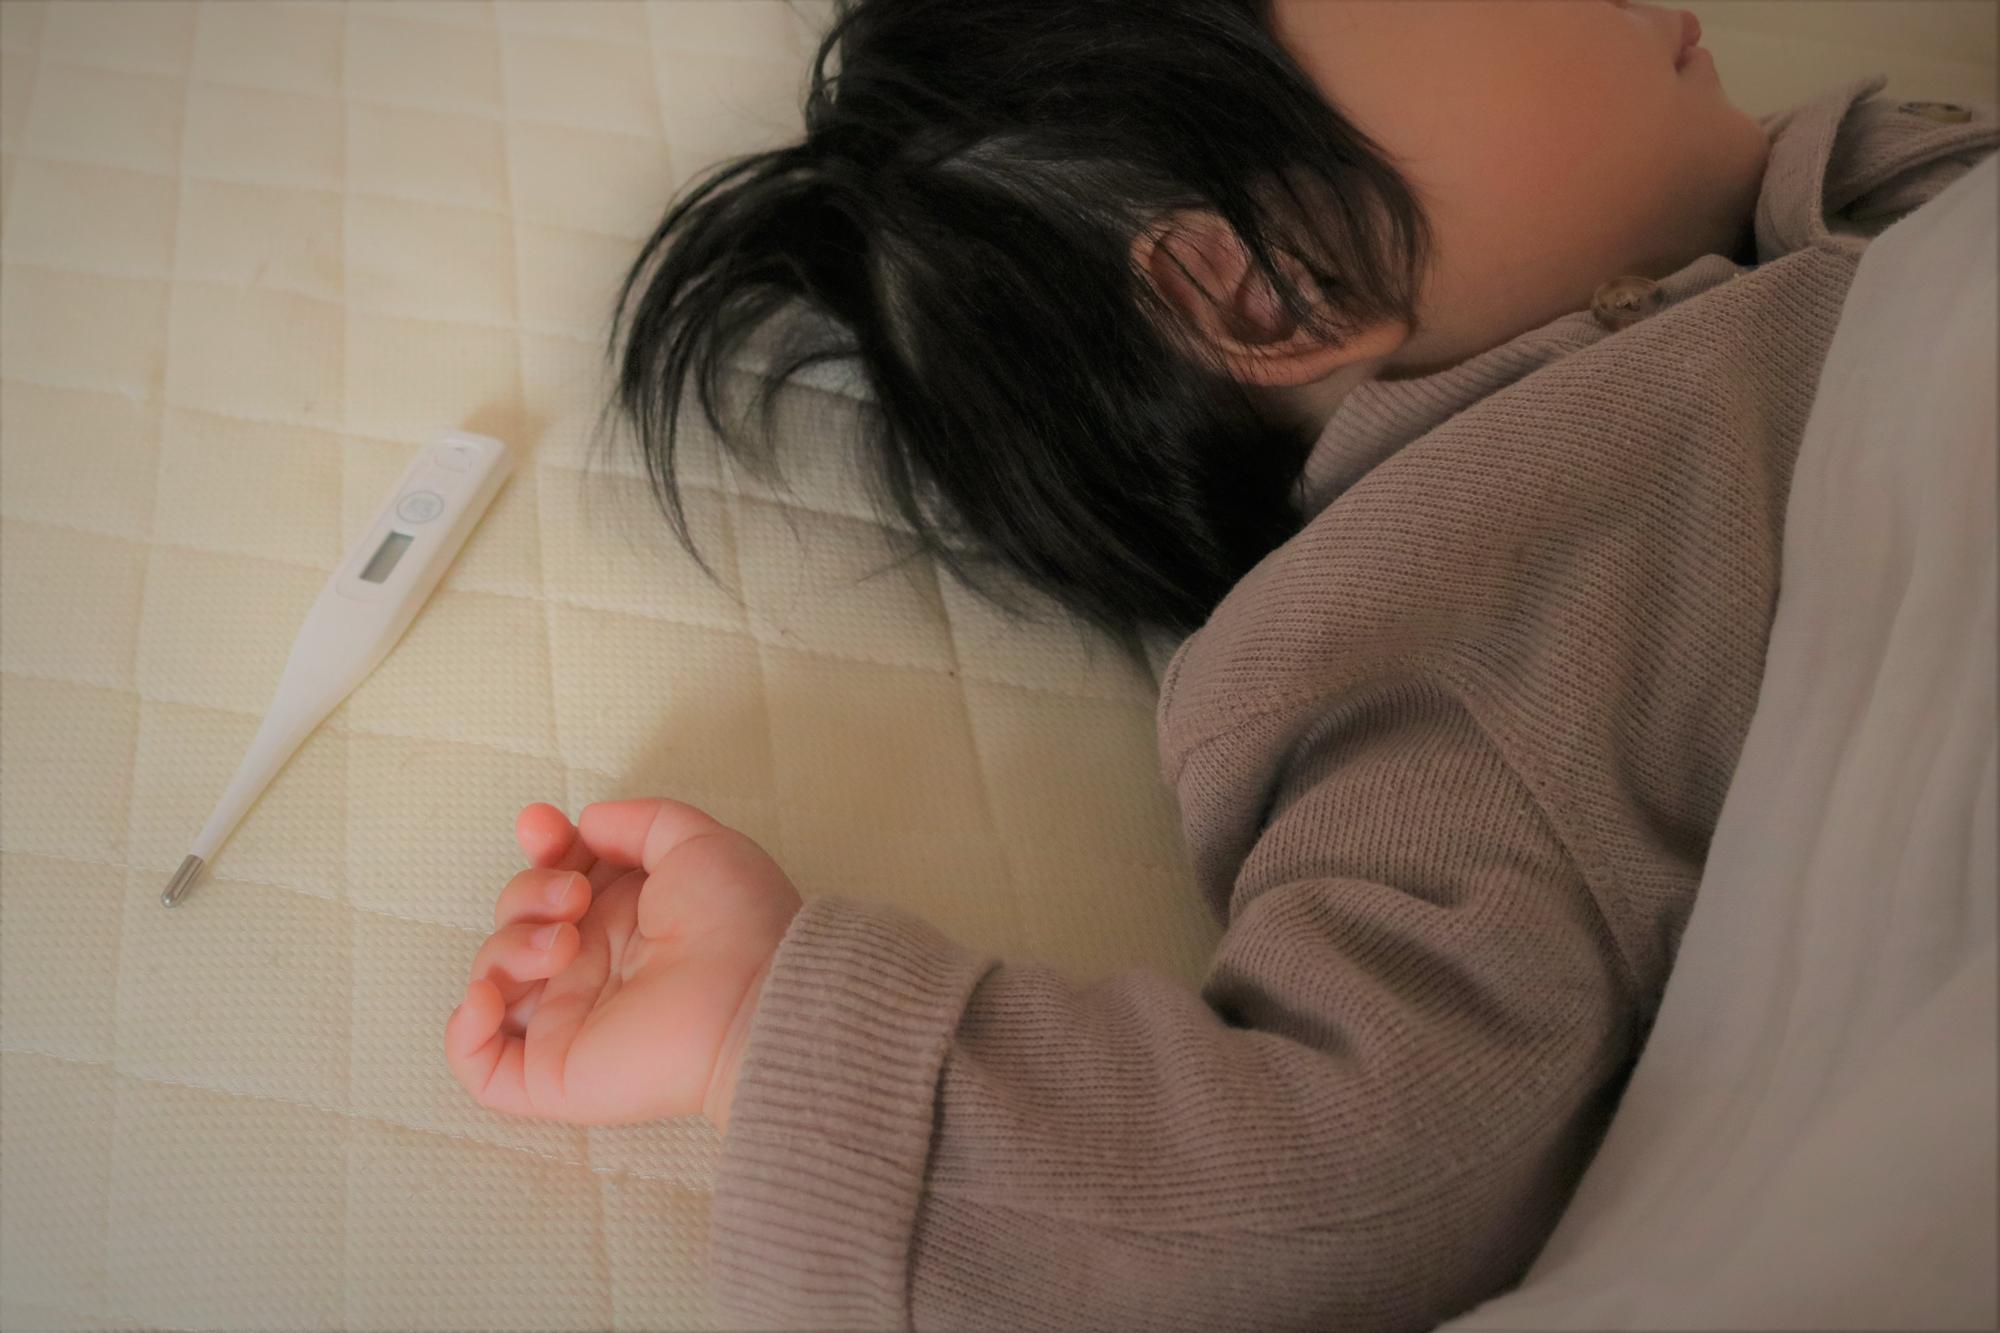 インフルエンザで高熱に……。高熱時の対処法と、熱を下げる方法を知っておこう!